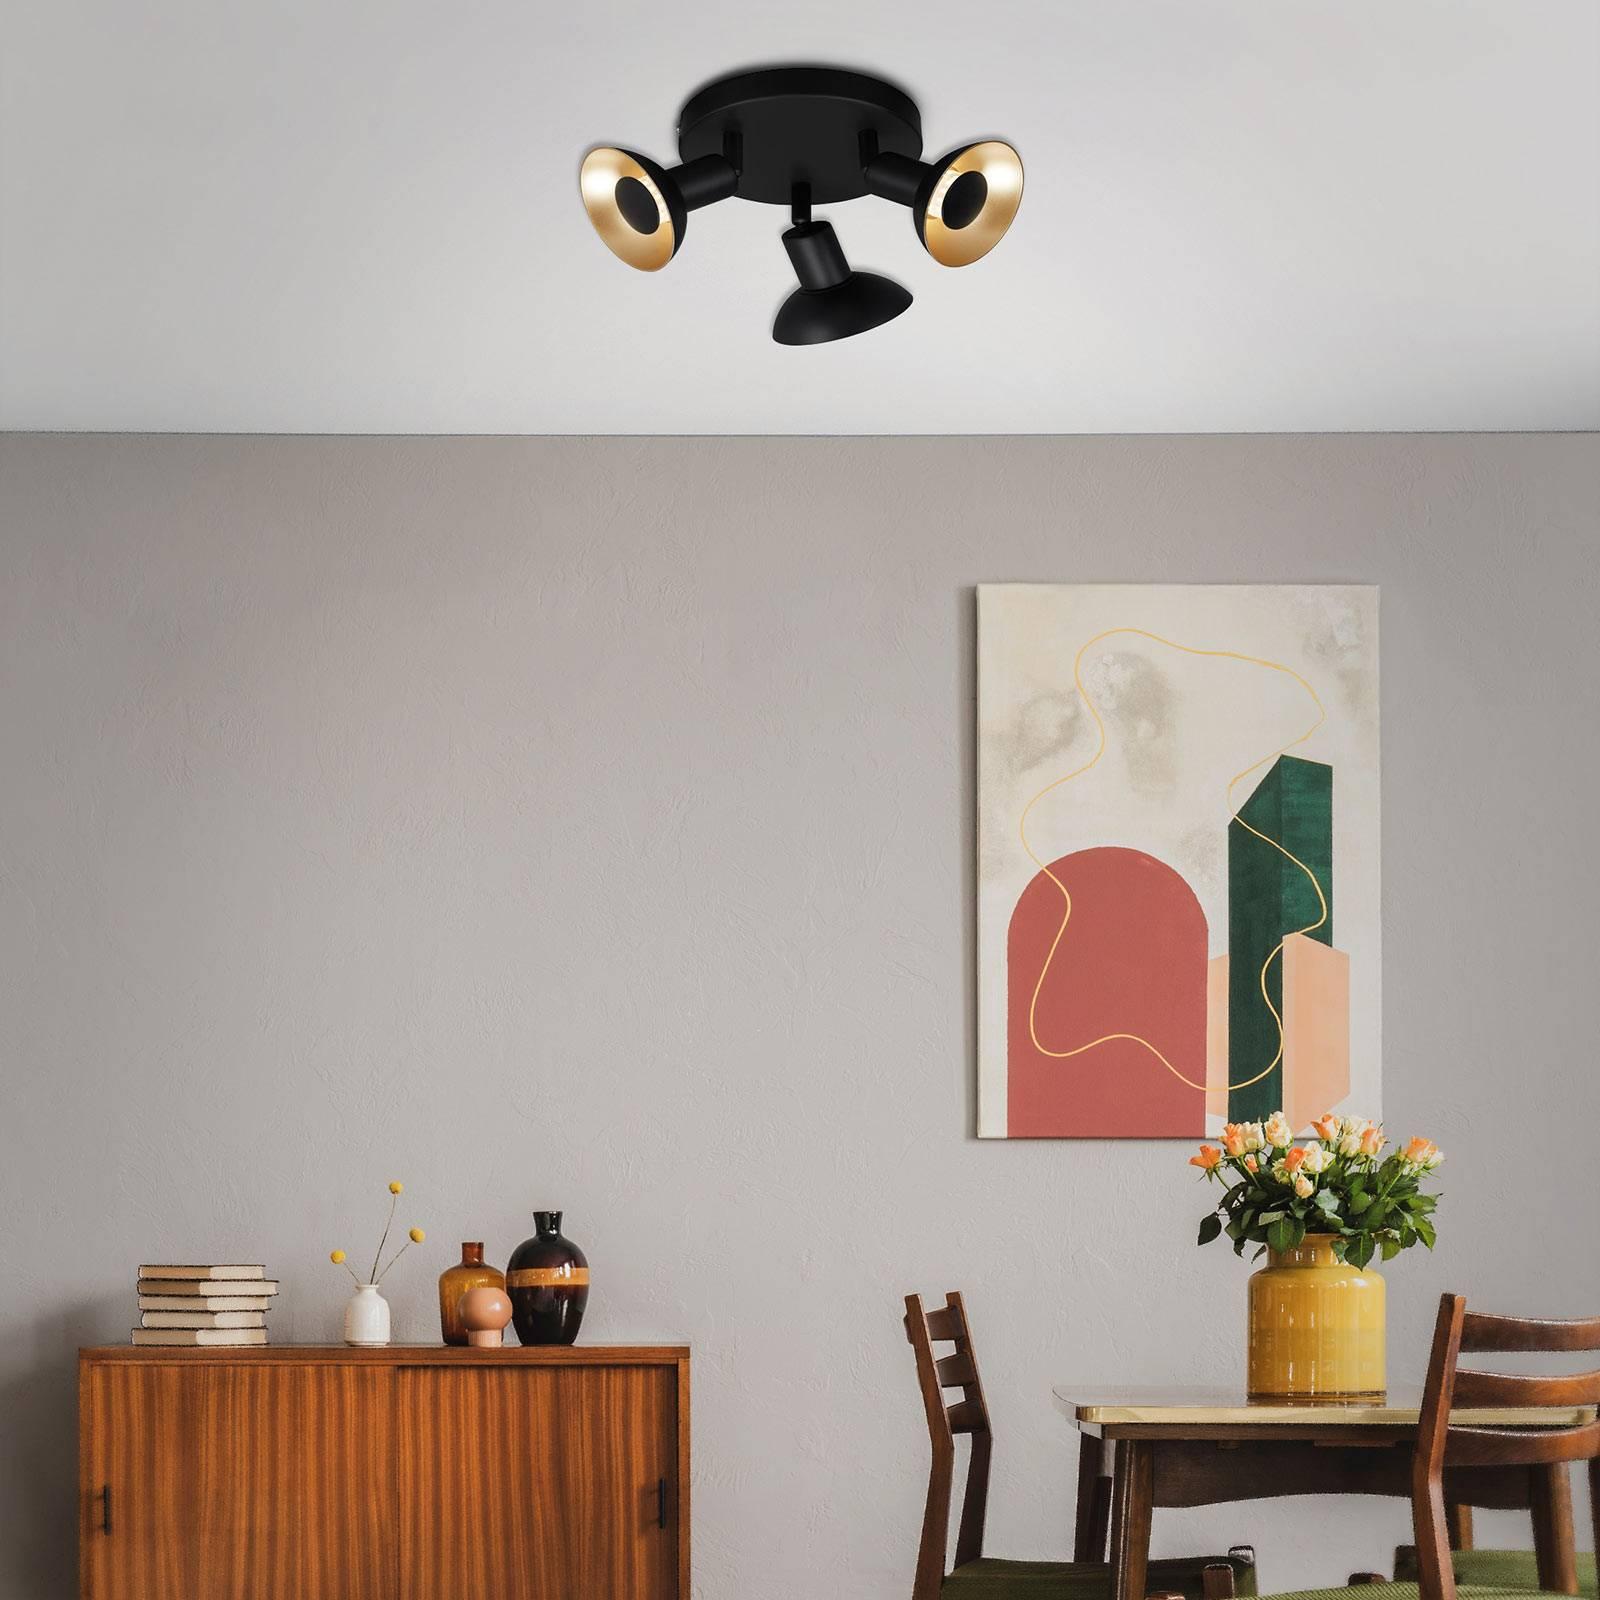 LED-kattovalaisin Kukui, pyöreä 3-lamppuinen